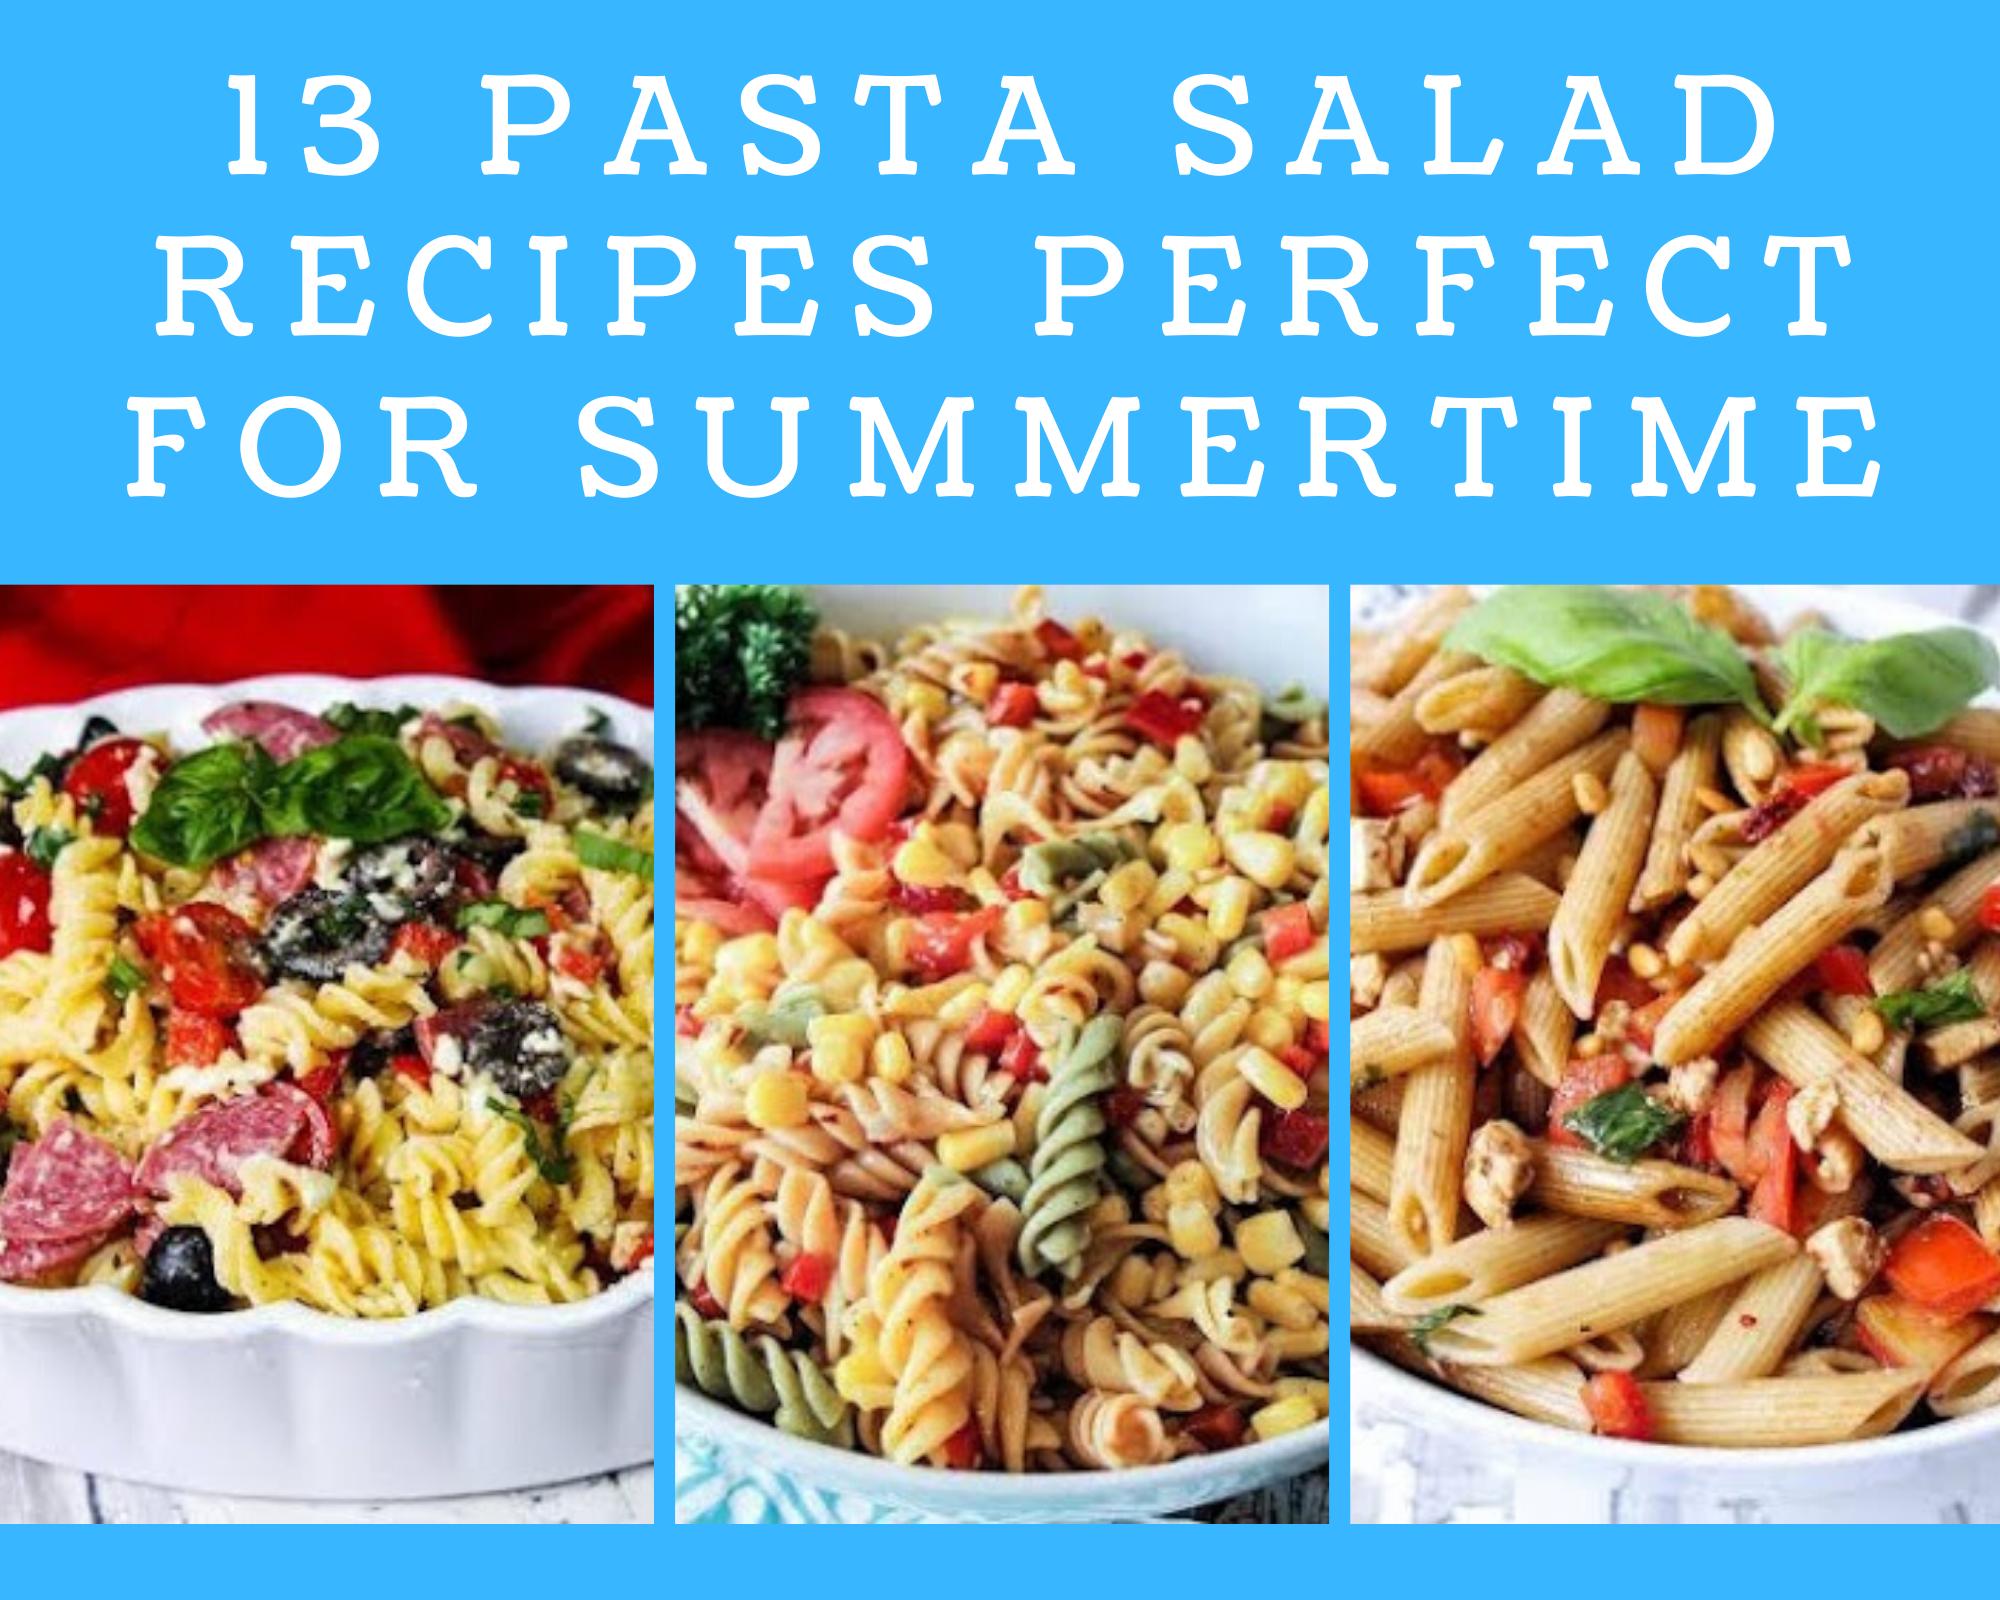 3 pasta salad recipes